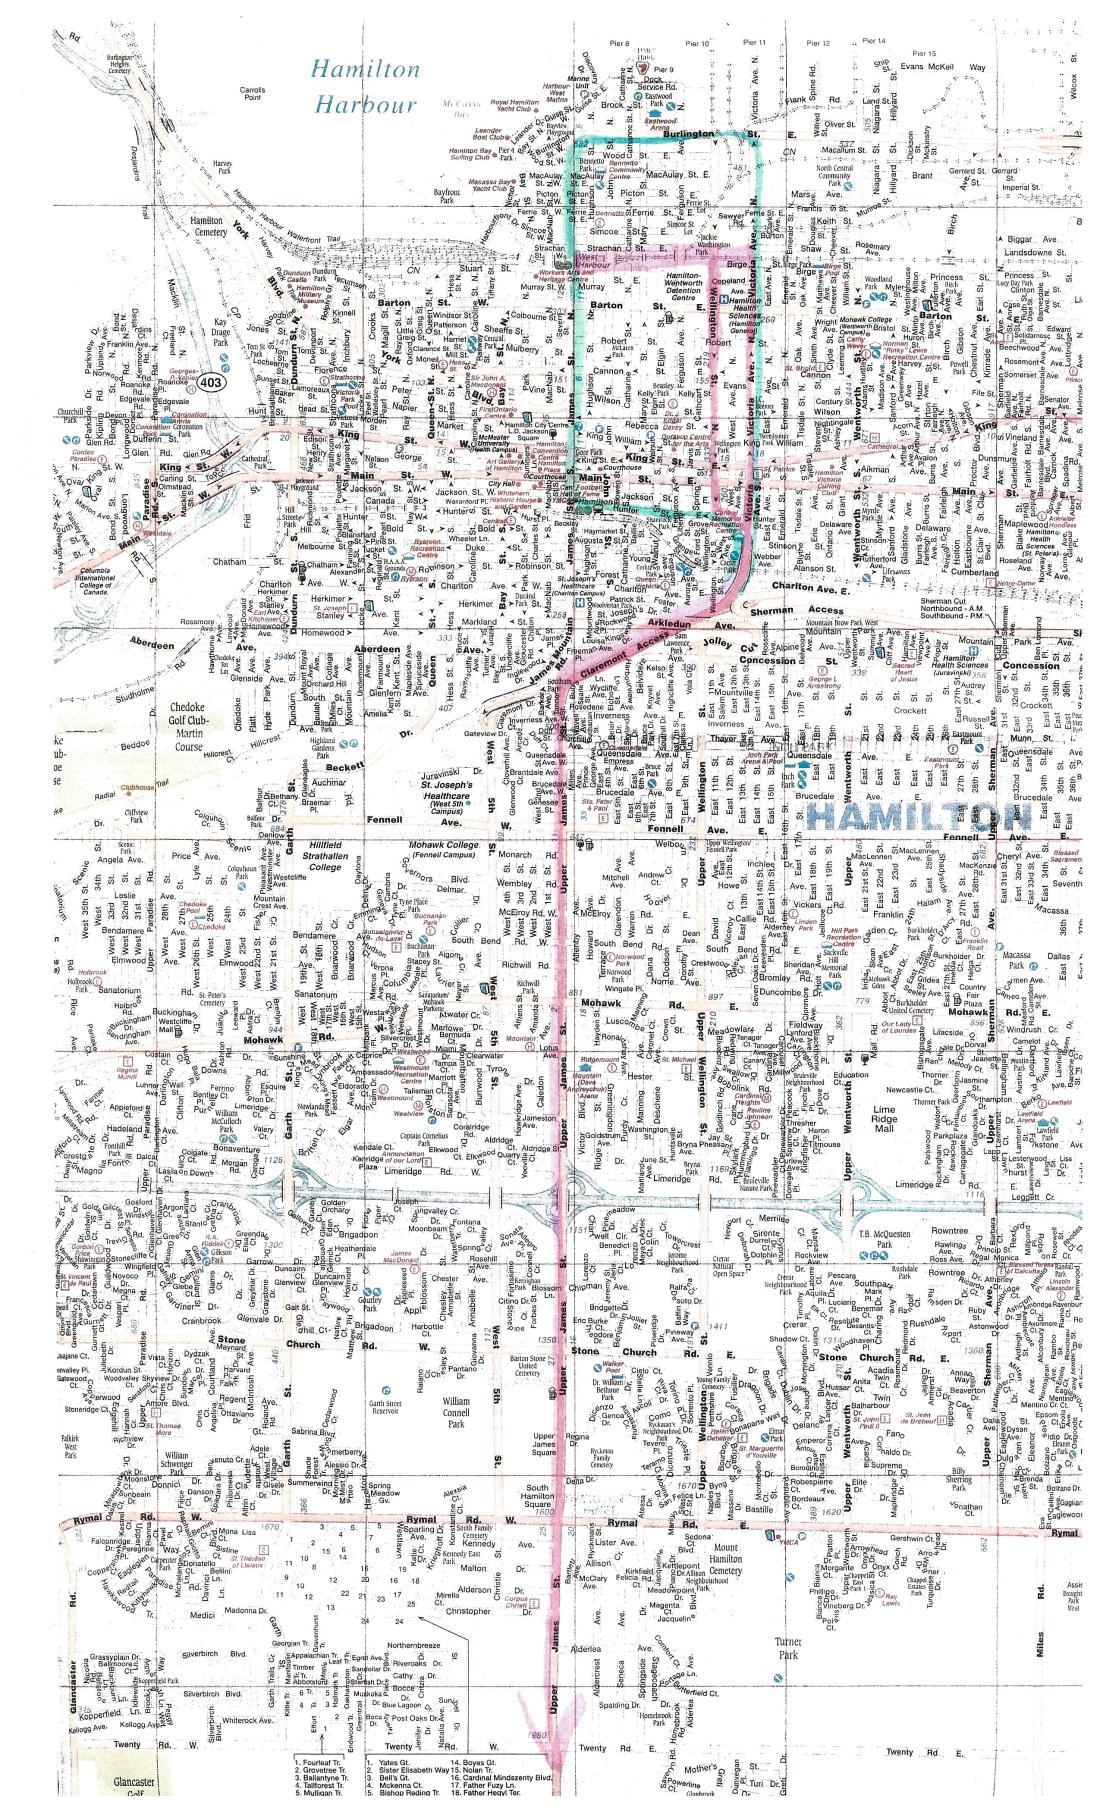 scanlrtmapj_07_20_2018_08_20_00_254